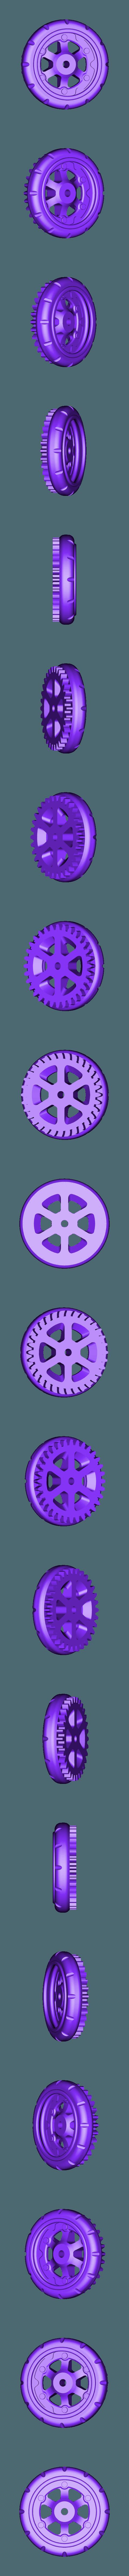 Wheel_Balloon_Rear_R.stl Télécharger fichier STL gratuit Vapemobile : Voiture jouet pneumatique • Modèle pour imprimante 3D, Slava_Z